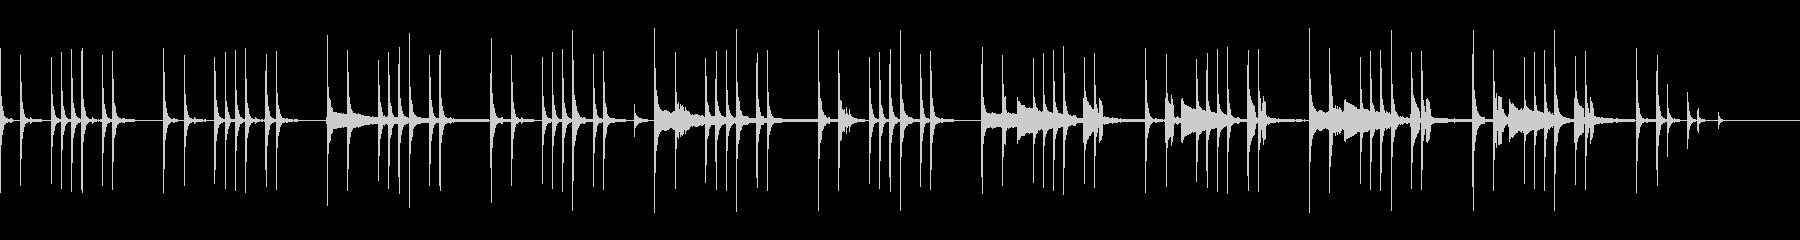 木琴 のんびり 明るめ 考え中 サバンナの未再生の波形